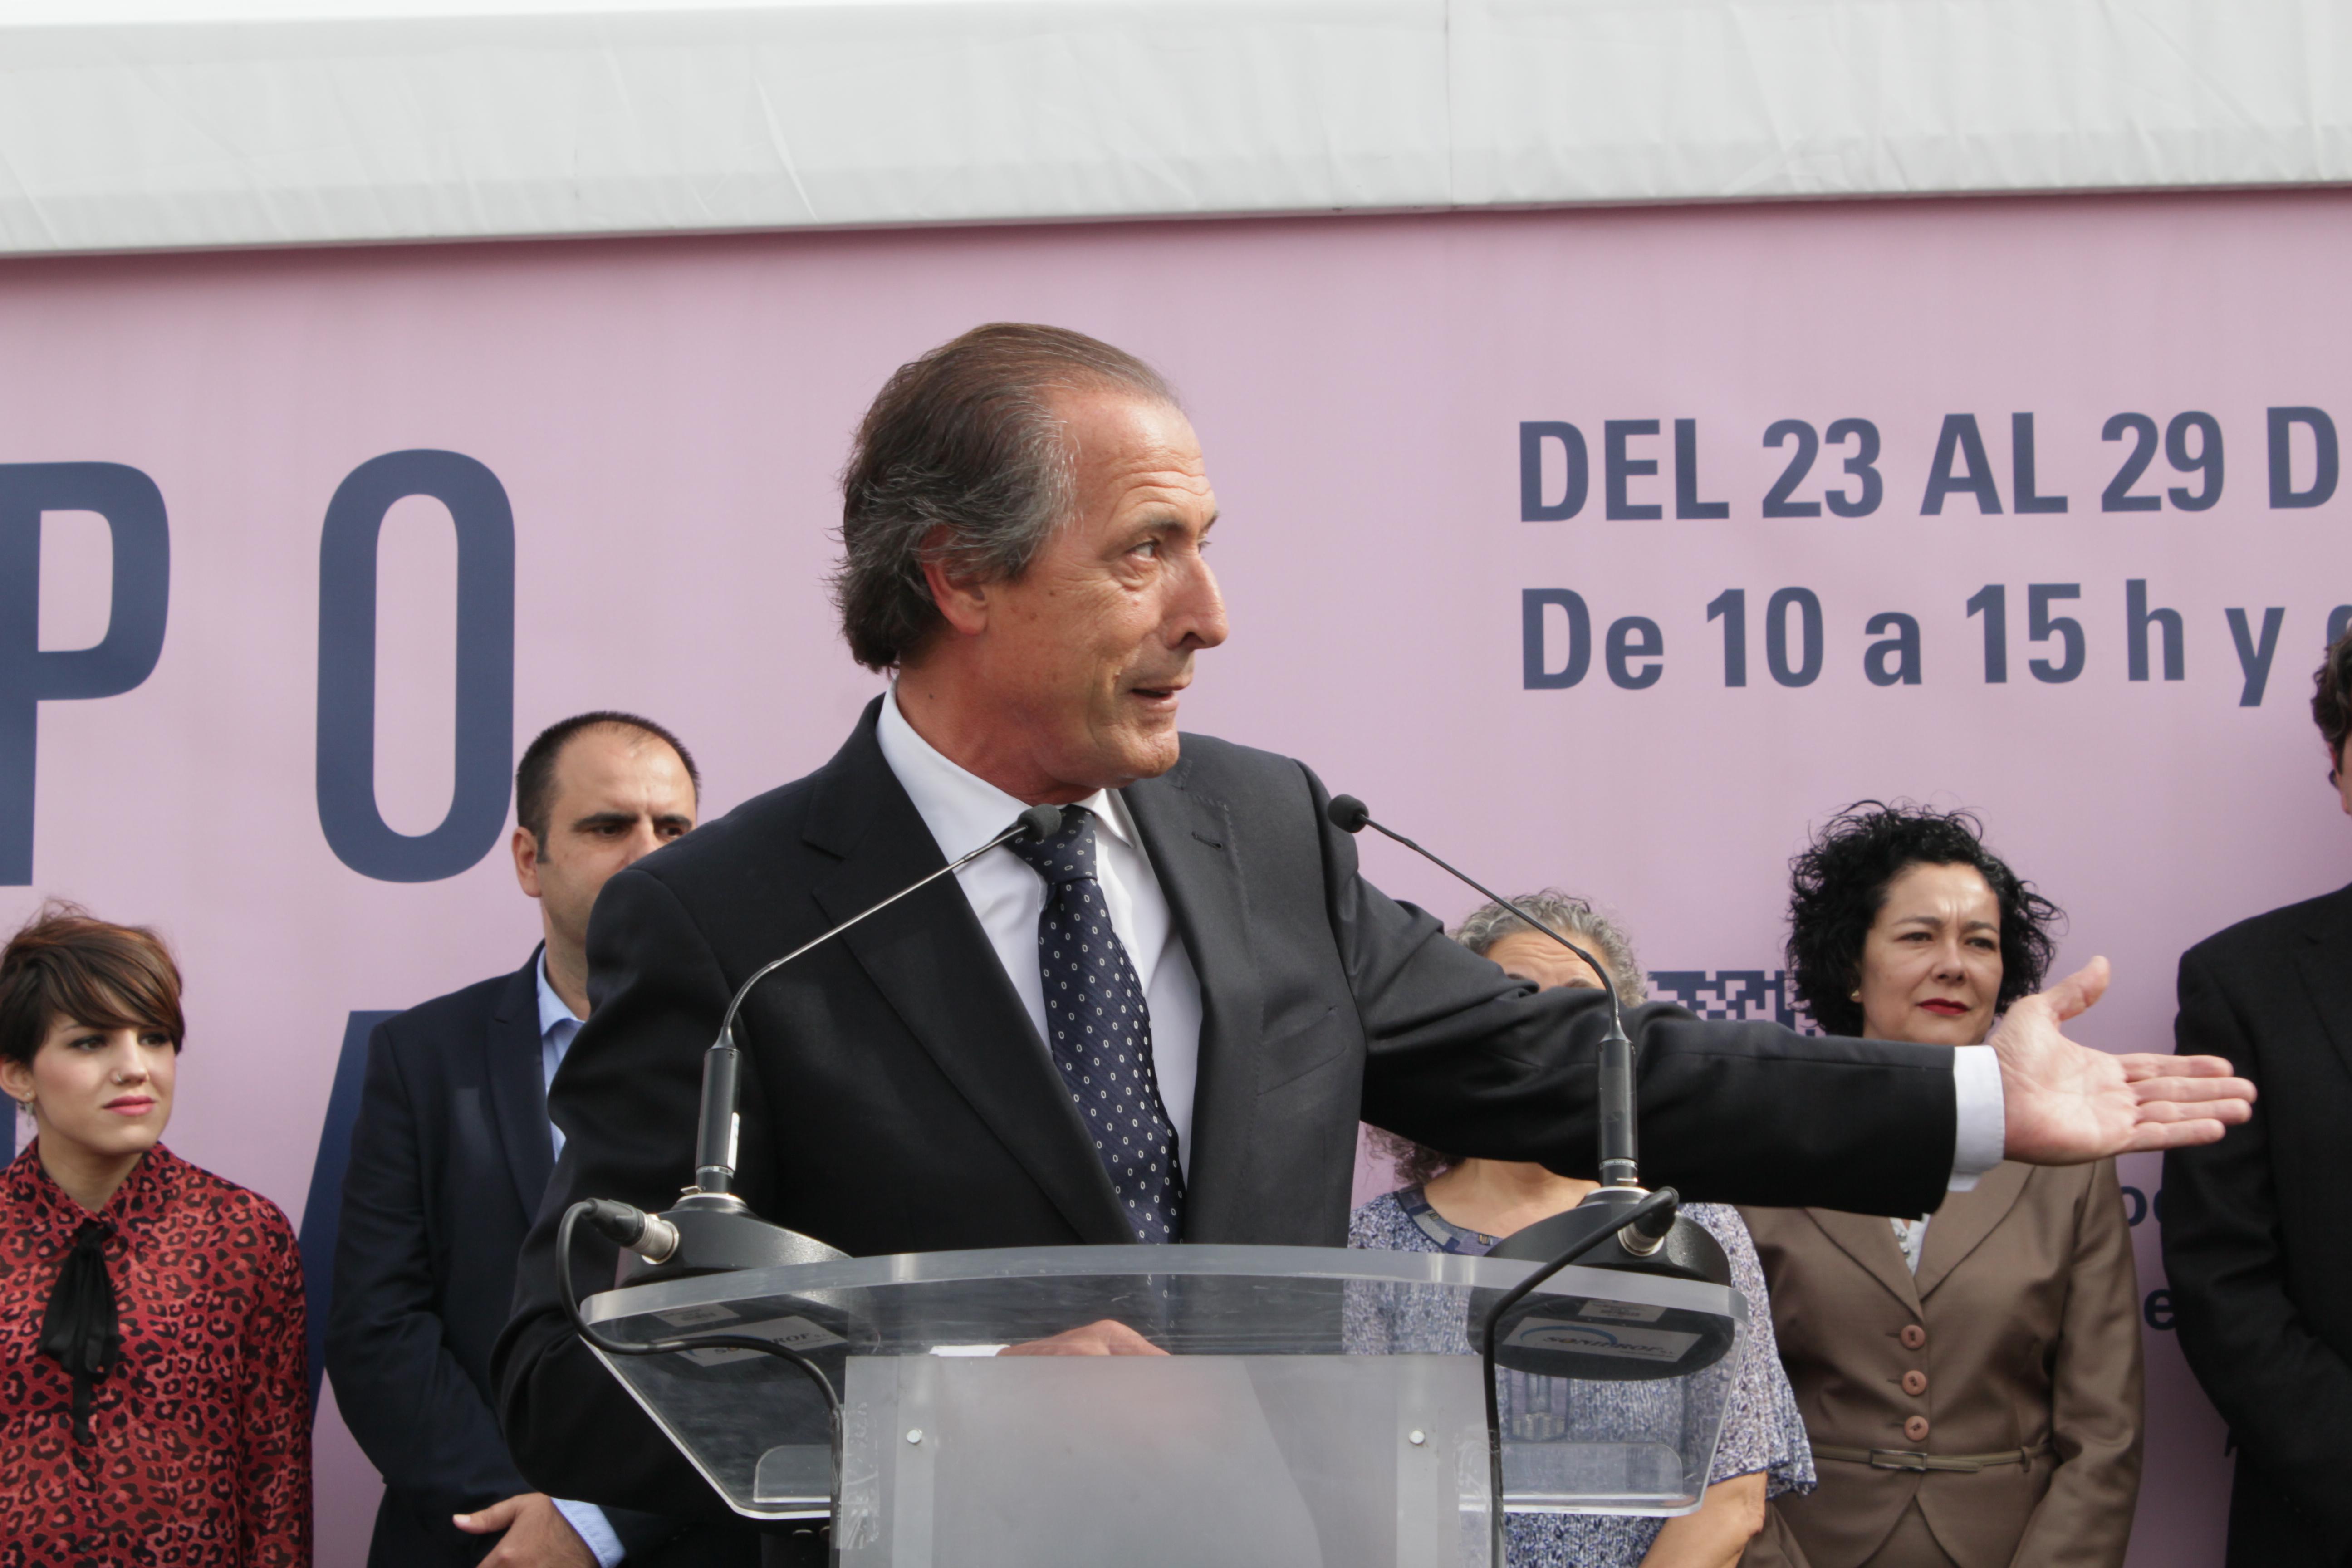 Miguel Zaragoza realziando un discurso